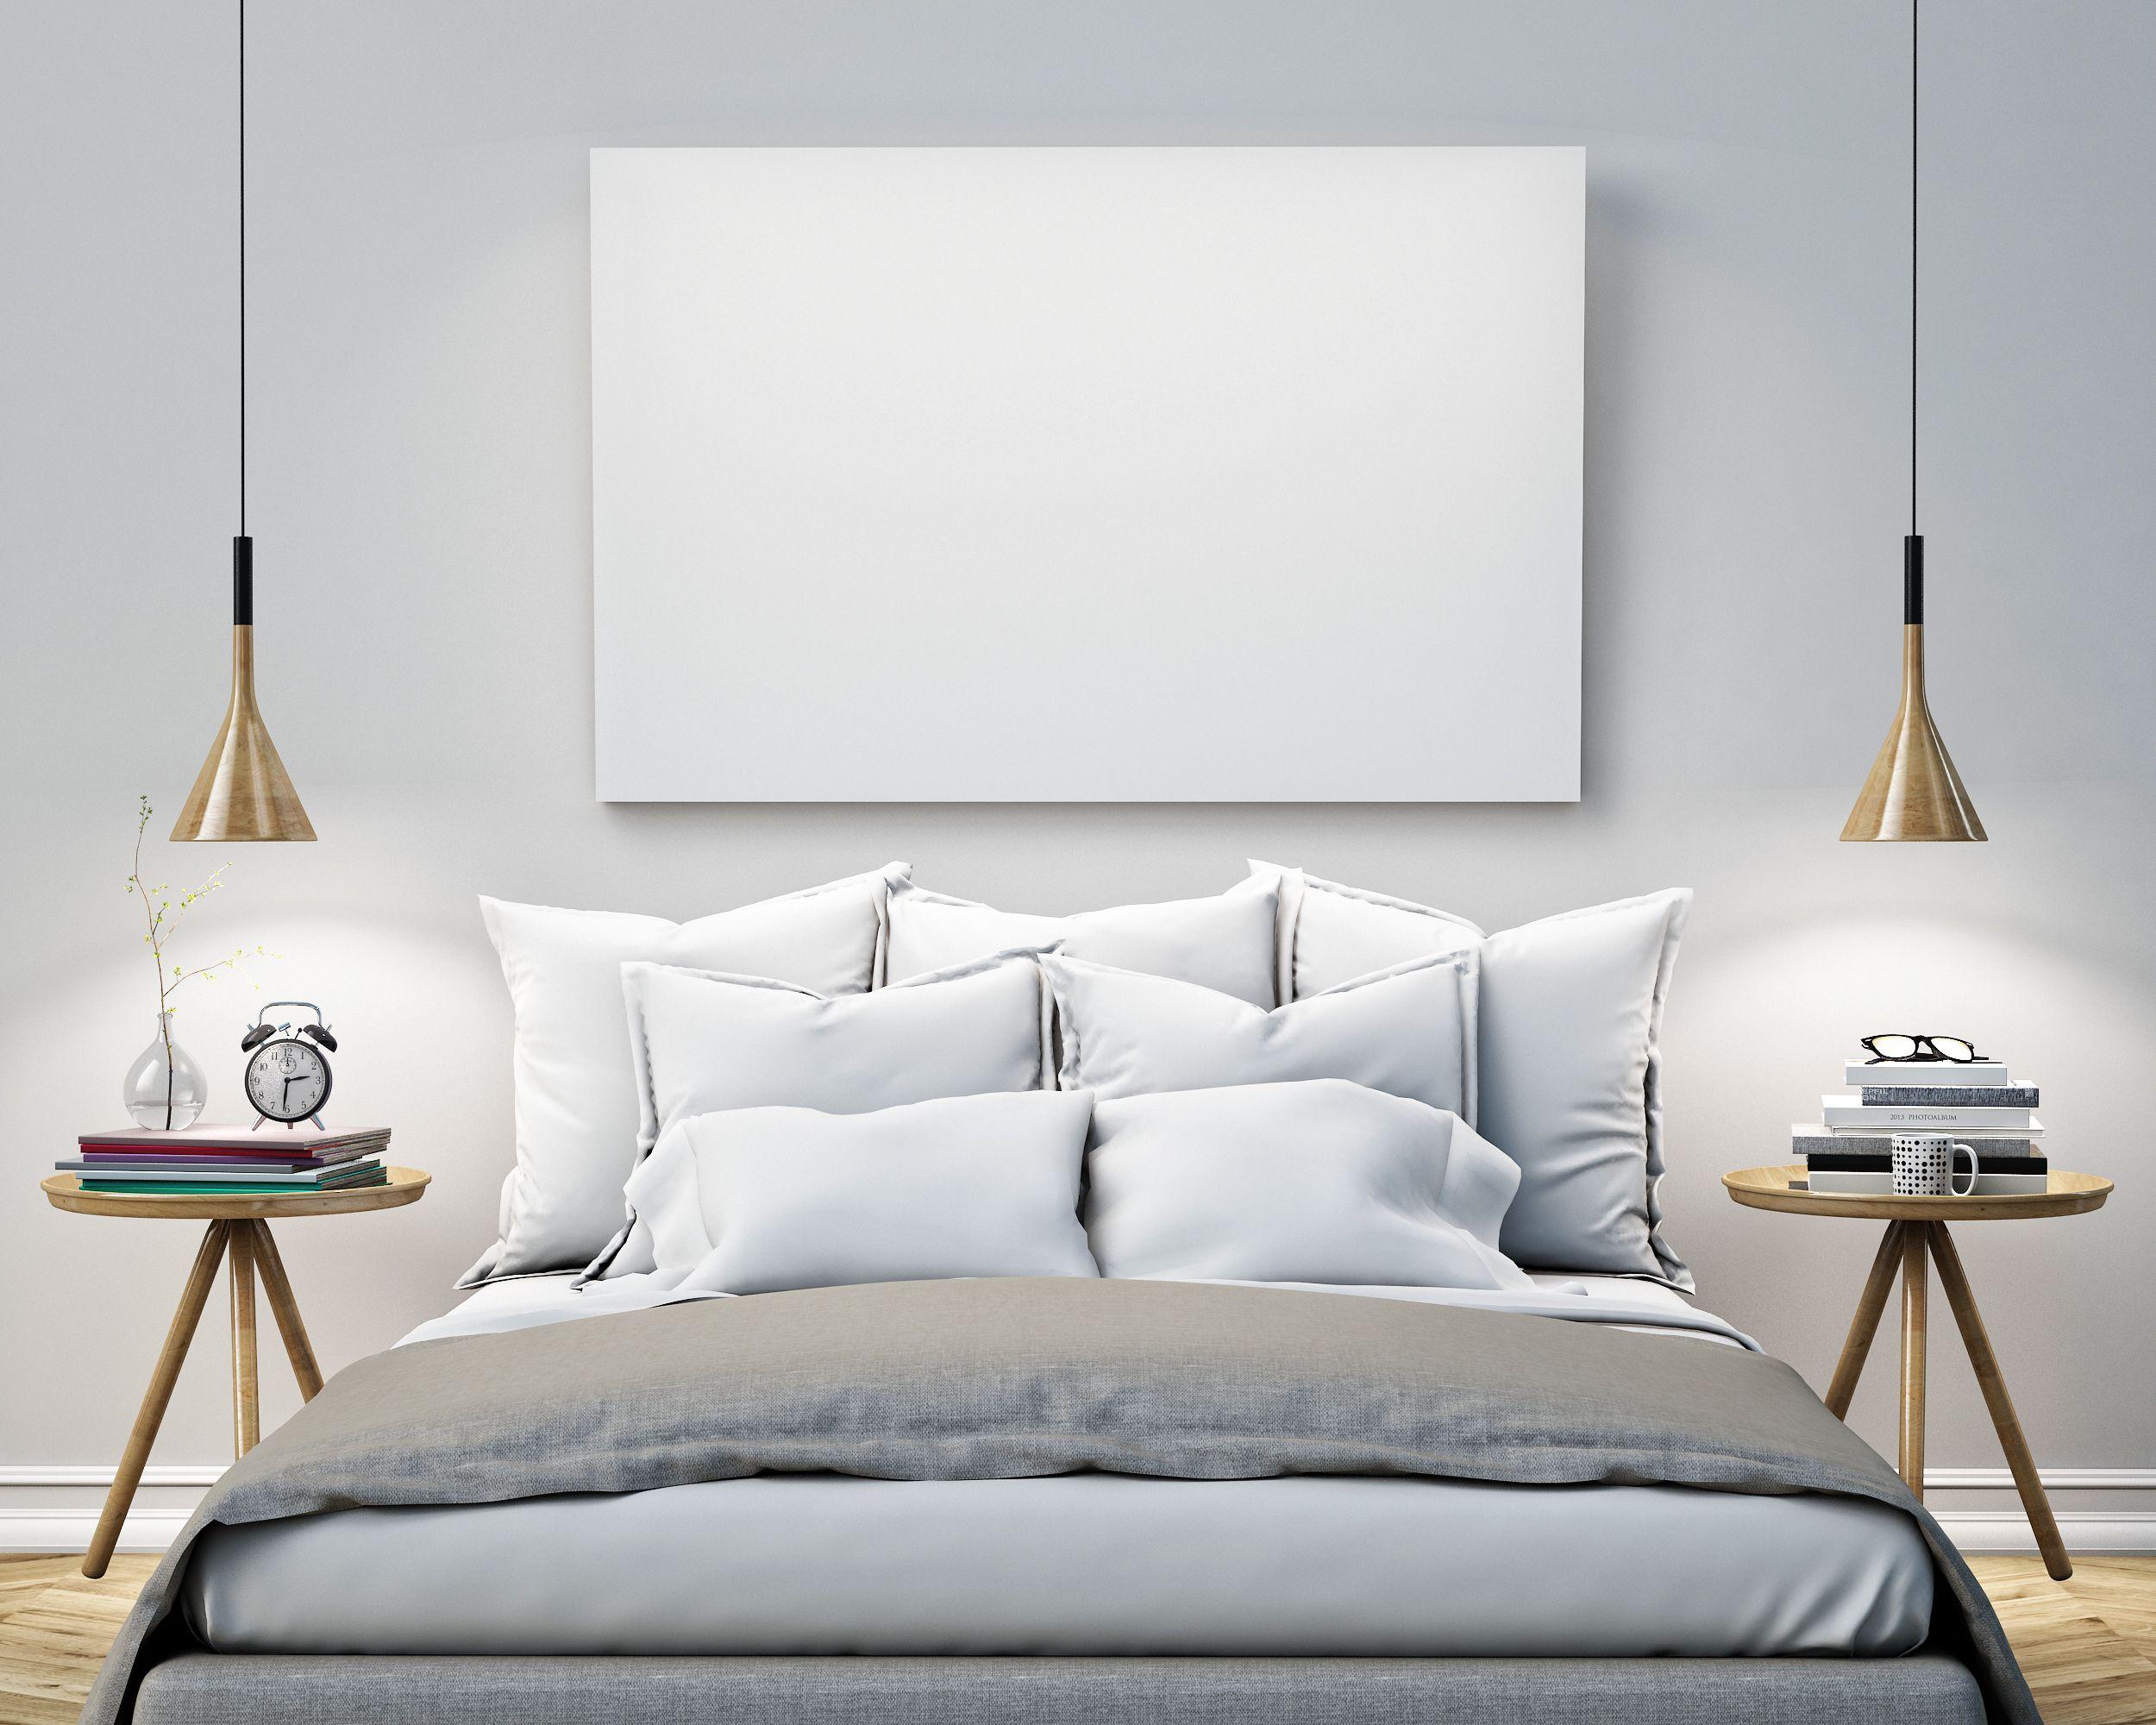 designer pendelleuchten sind die neuen nachttischlampen im schlafzimmer httpstrendomatcom - Nachttischlampen